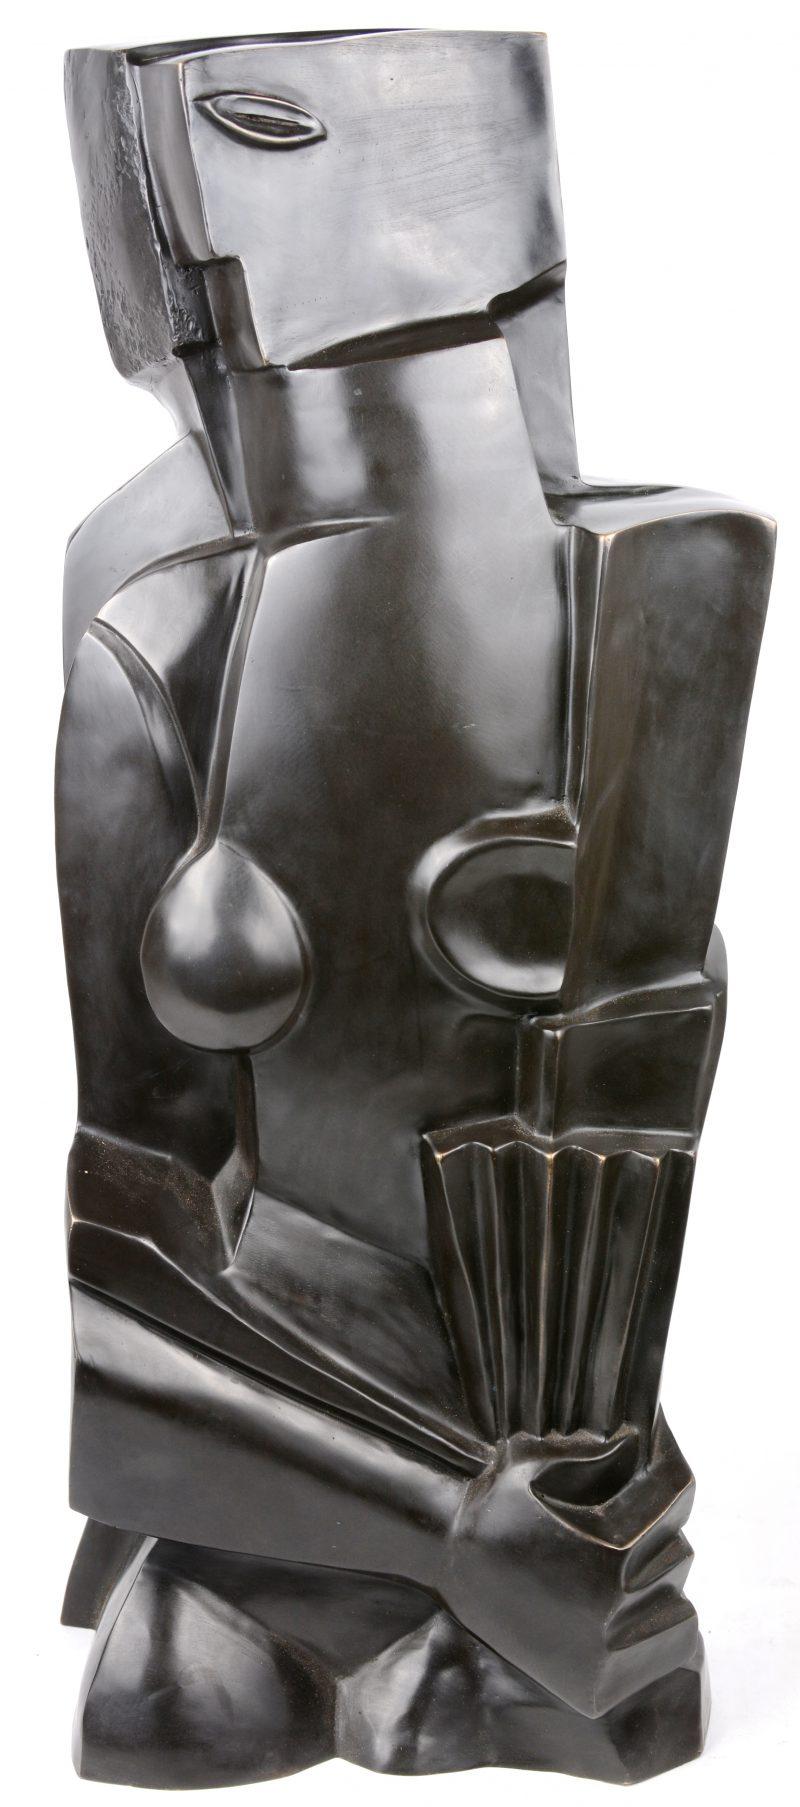 Een groot kubistische bronzen beeld.